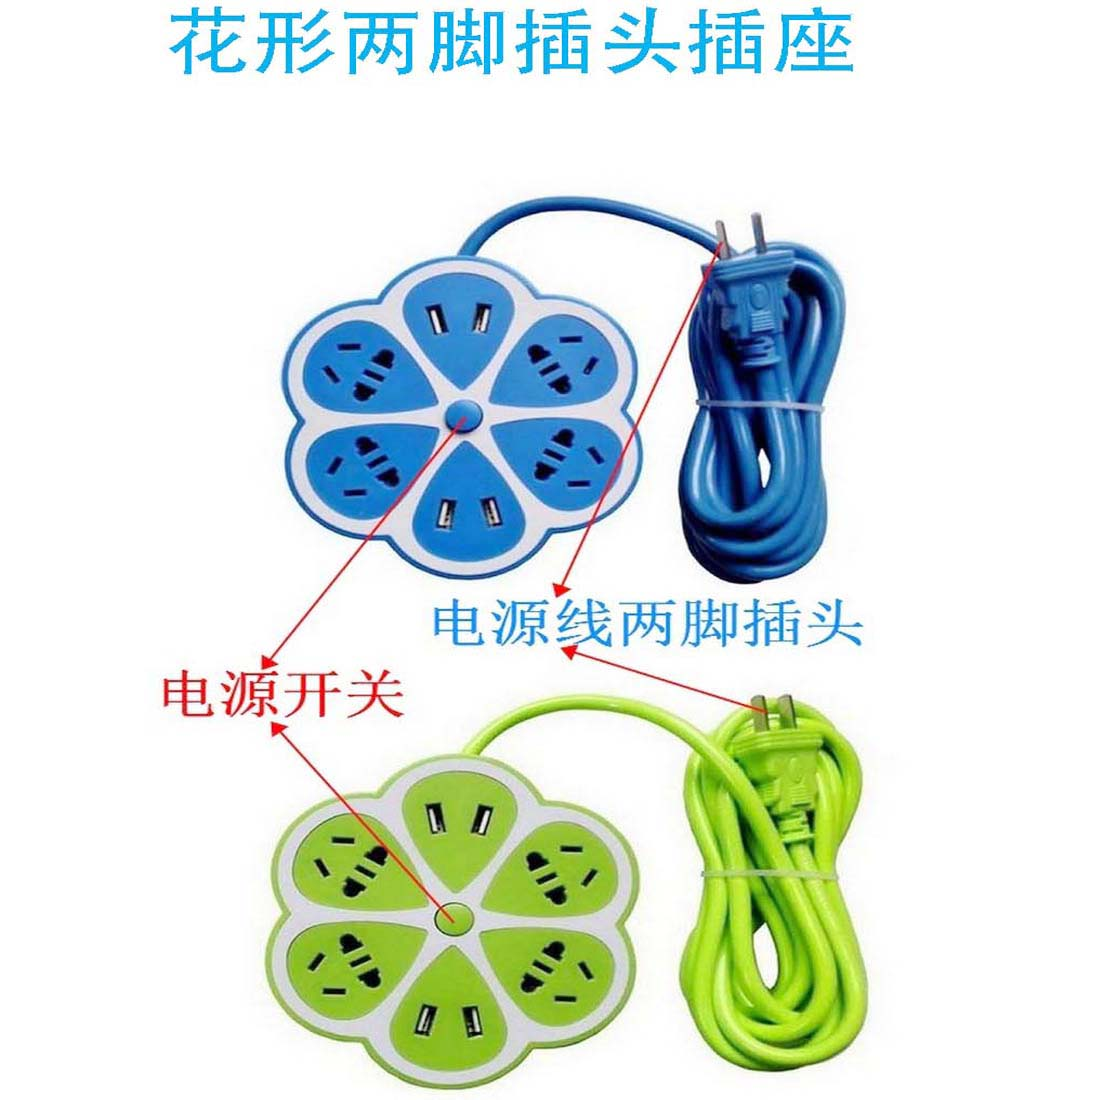 柠檬创意3米两项两脚插头USB充电智能插座两孔带开关排插接插线板